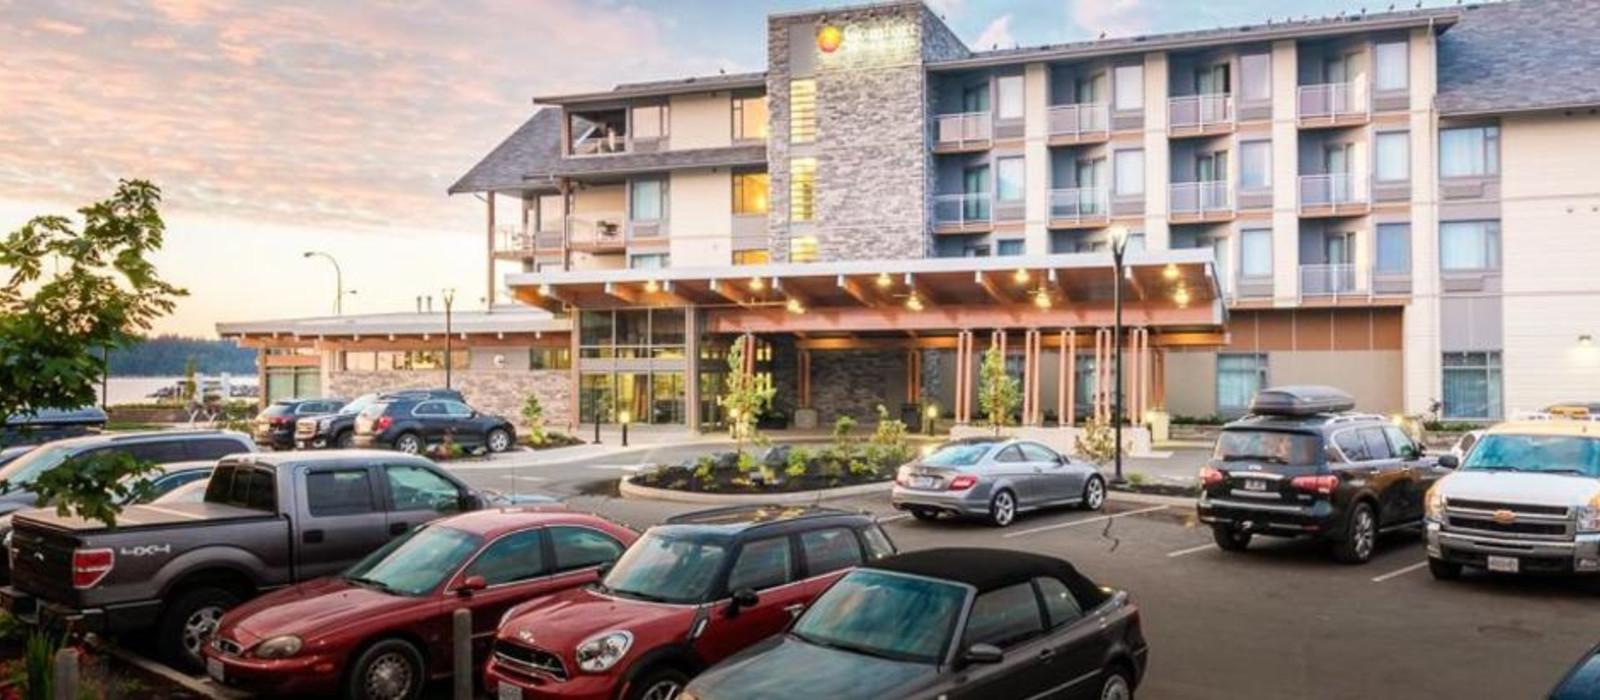 Hotel Comfort Inn & Suites %region%